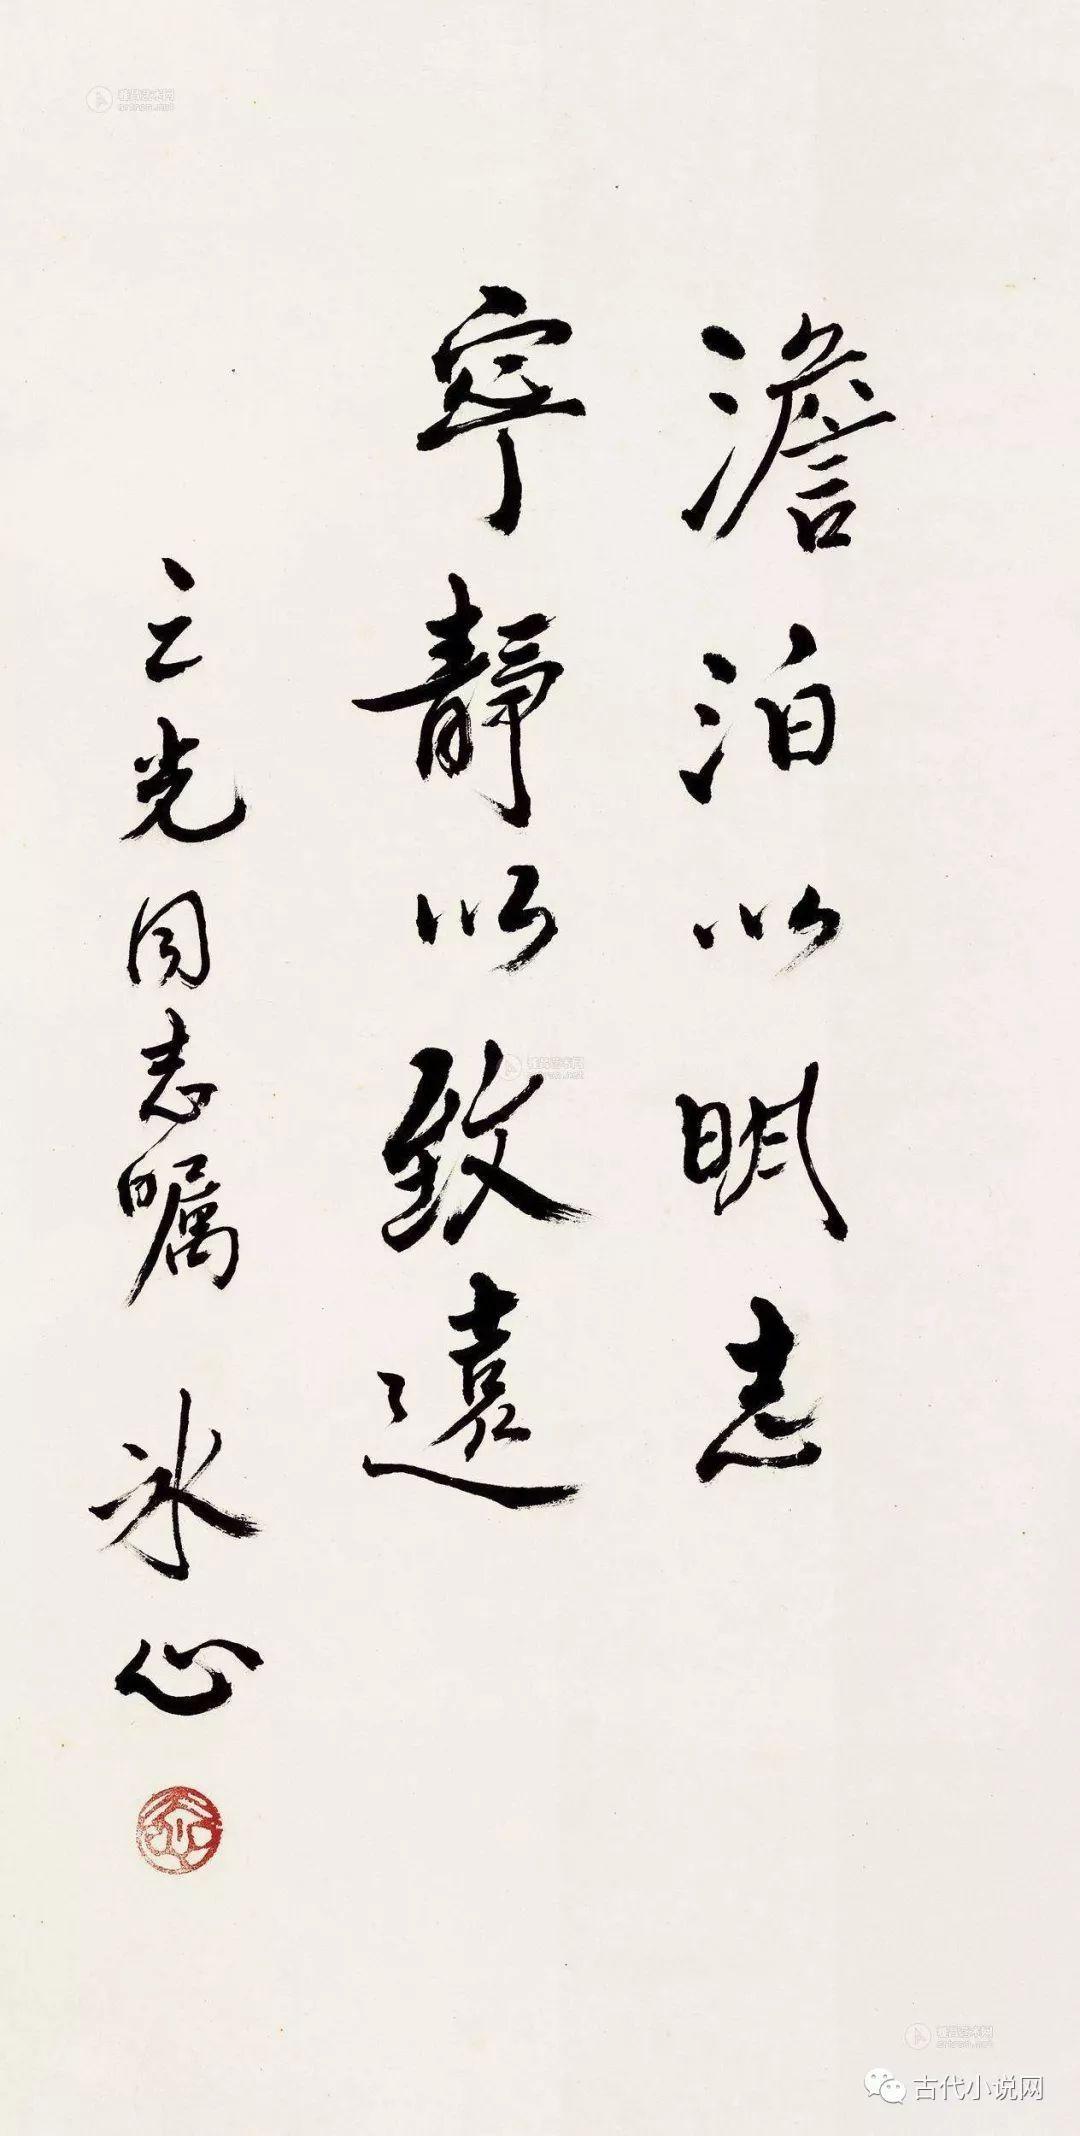 沈伯俊:高风亮节,百代楷模——论诸葛亮的人格魅力 人物点评 第16张